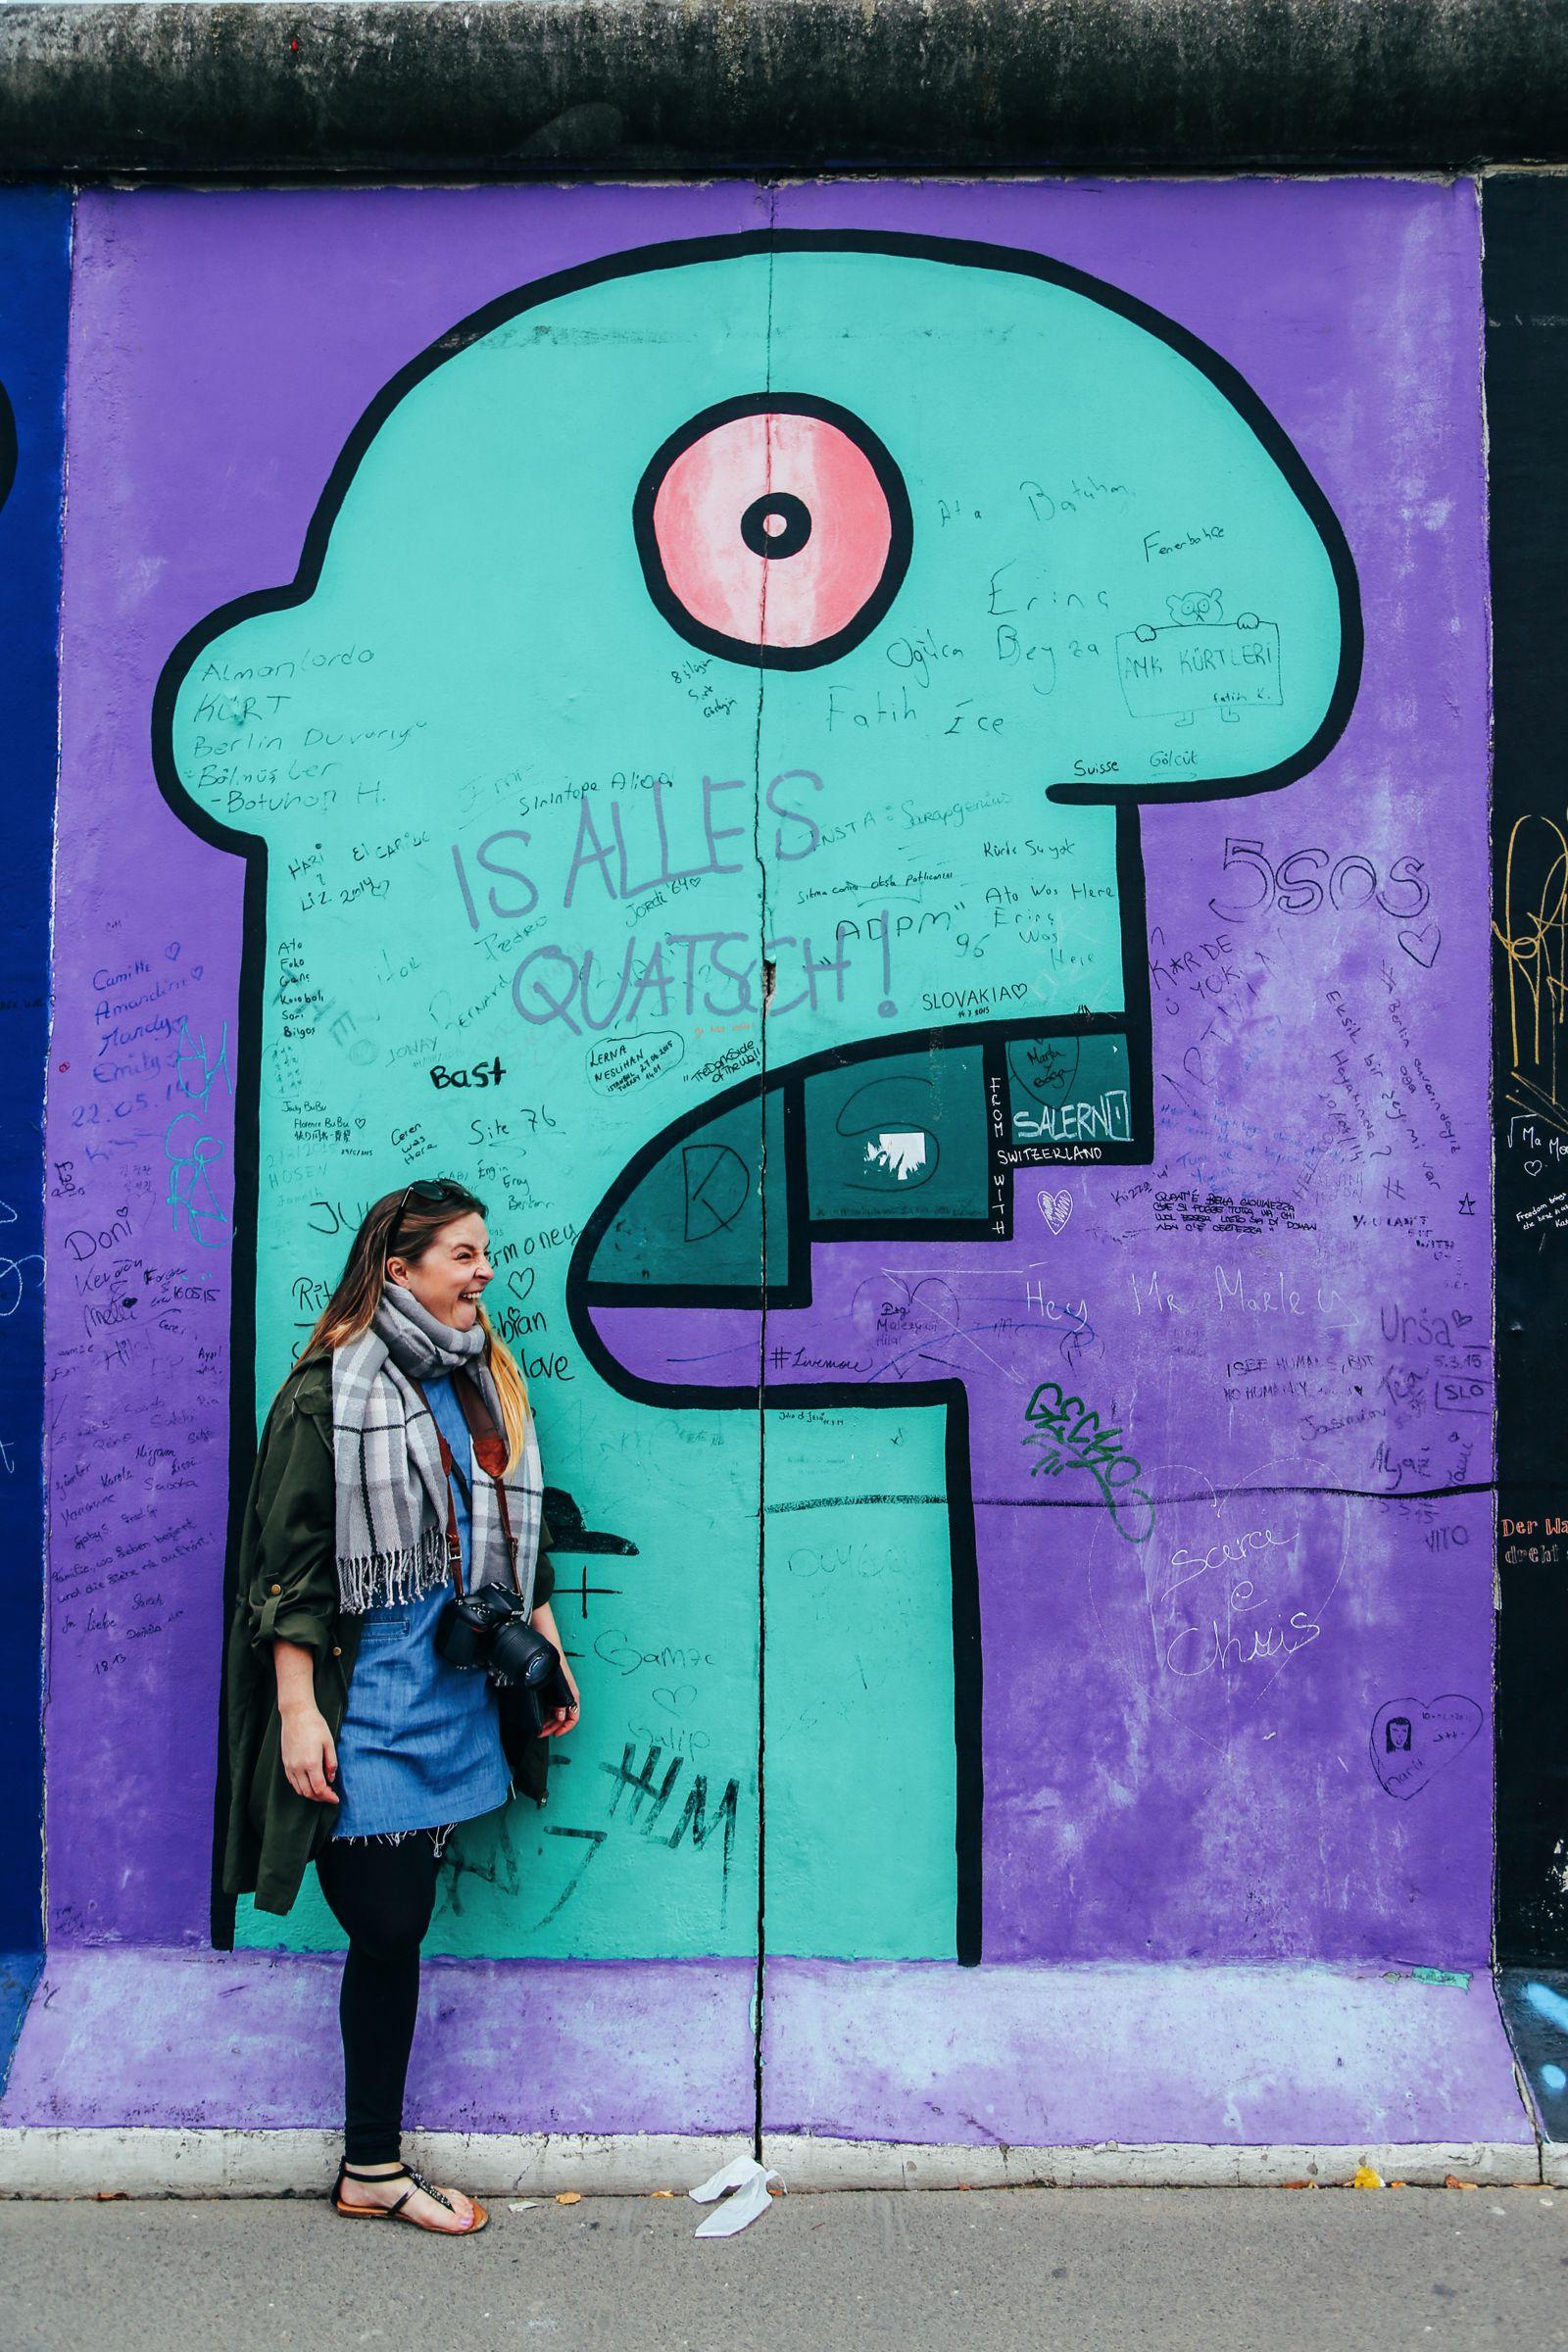 East Side Gallery, Berlin, Germany (22)